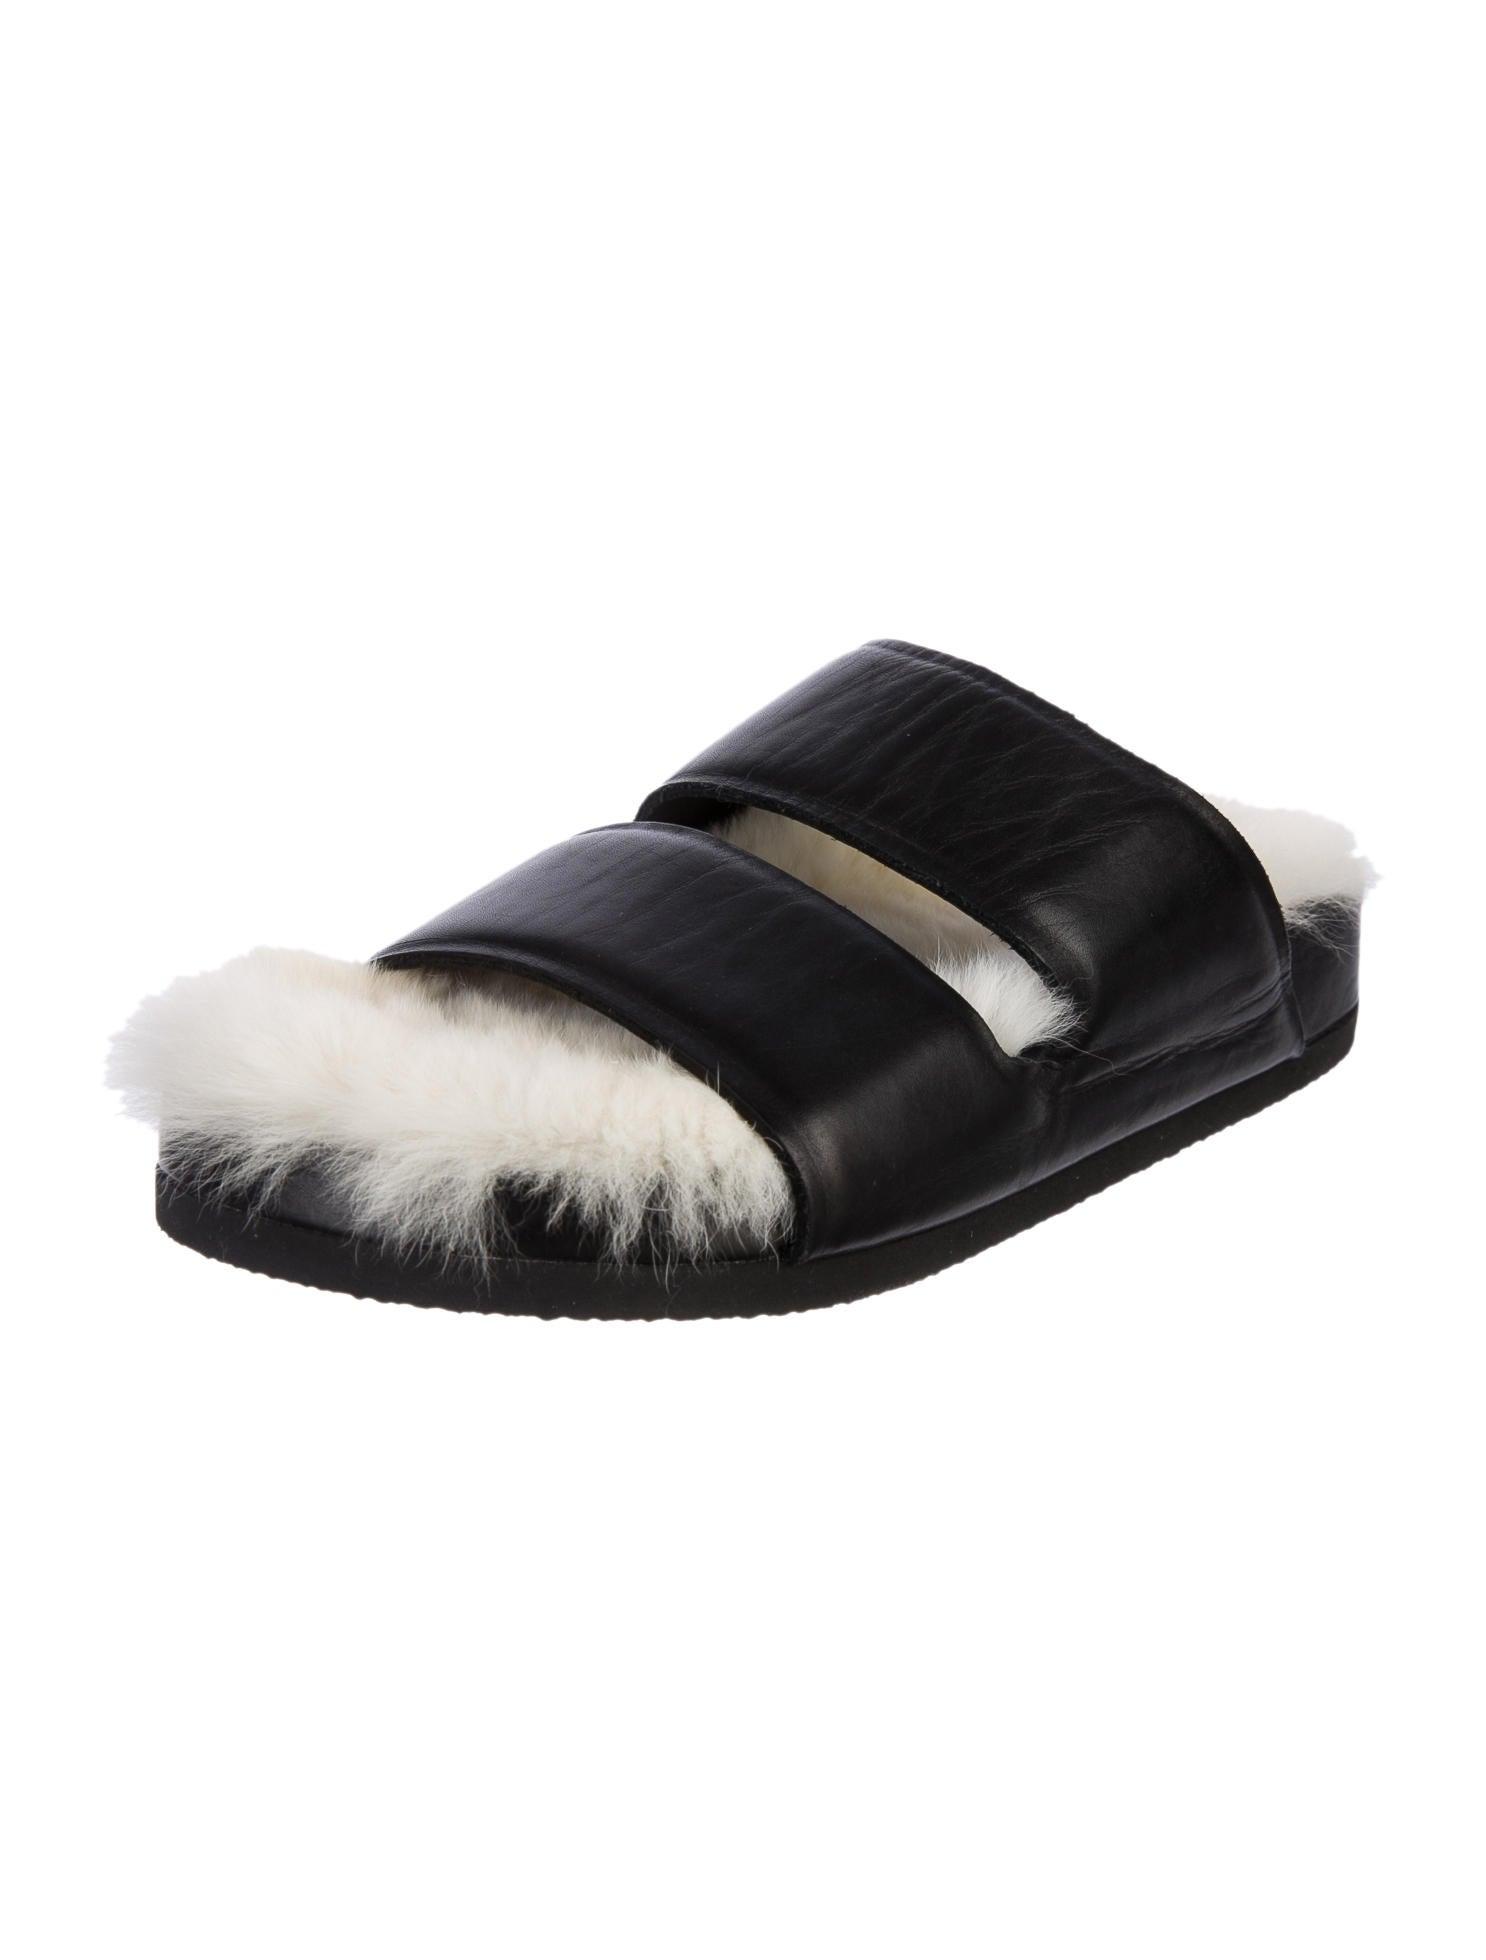 Celine Céline Fur Lined Sandals - Shoes